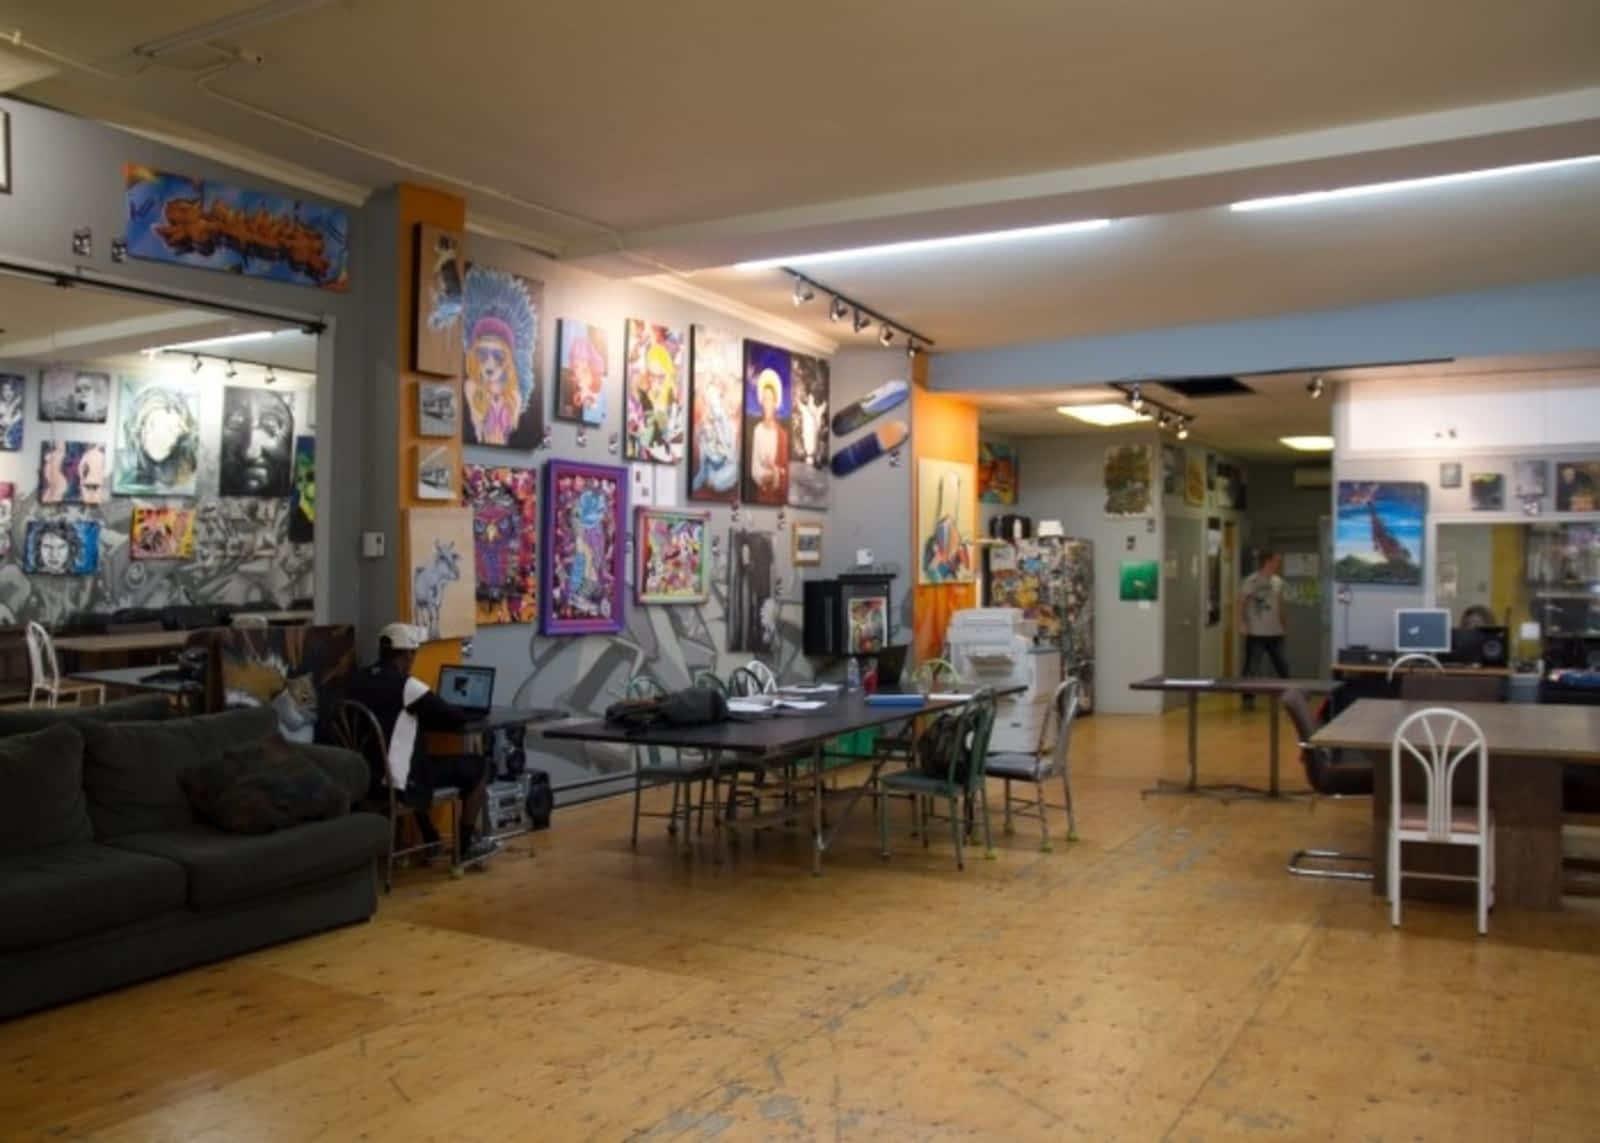 Café graffiti opening hours 4260 rue sainte catherine e montréal qc